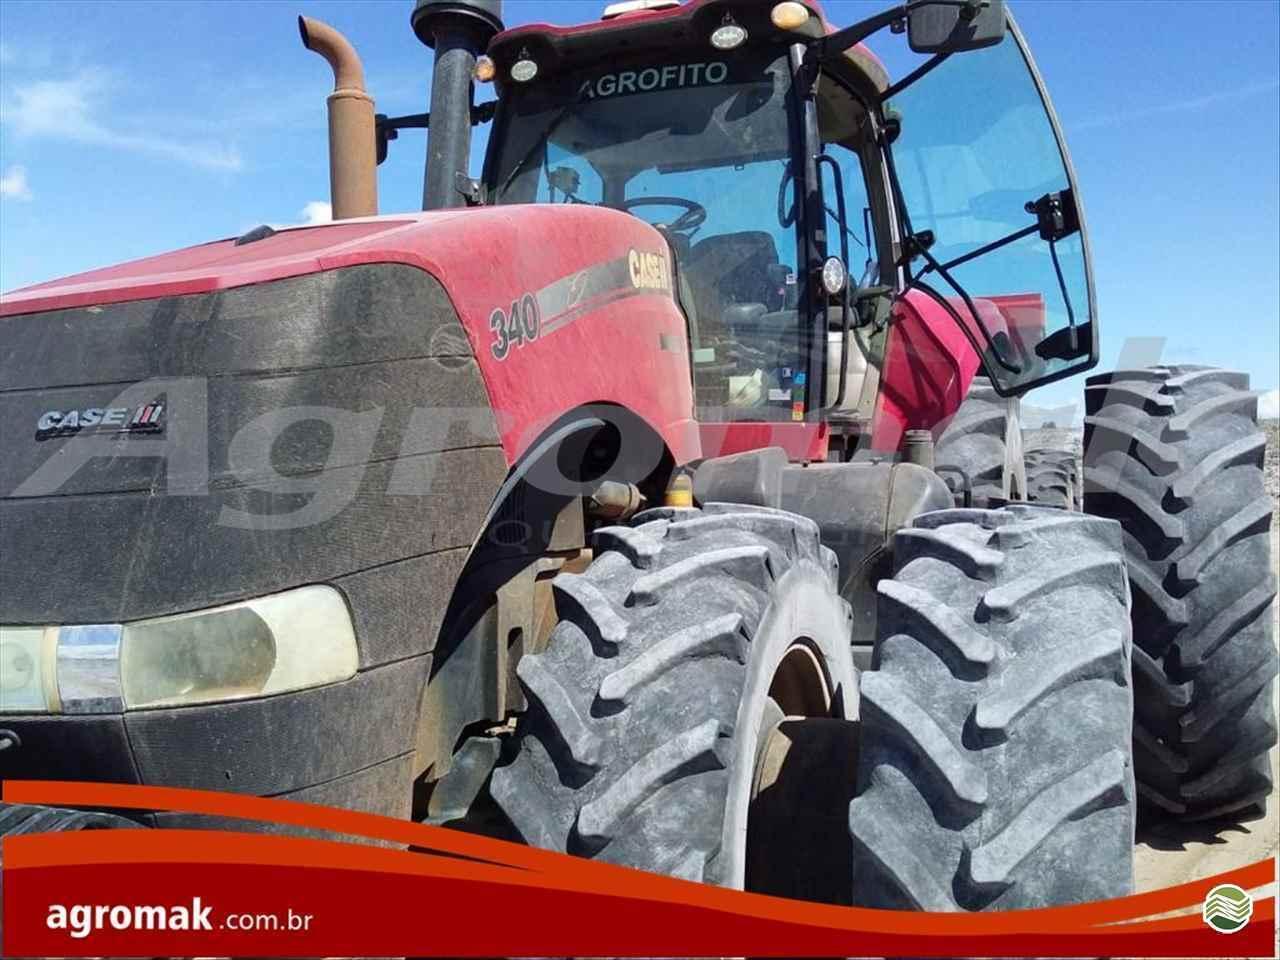 TRATOR CASE MAGNUM 340 Tração 4x4 Agromak Máquinas Agrícolas CAMPO VERDE MATO GROSSO MT